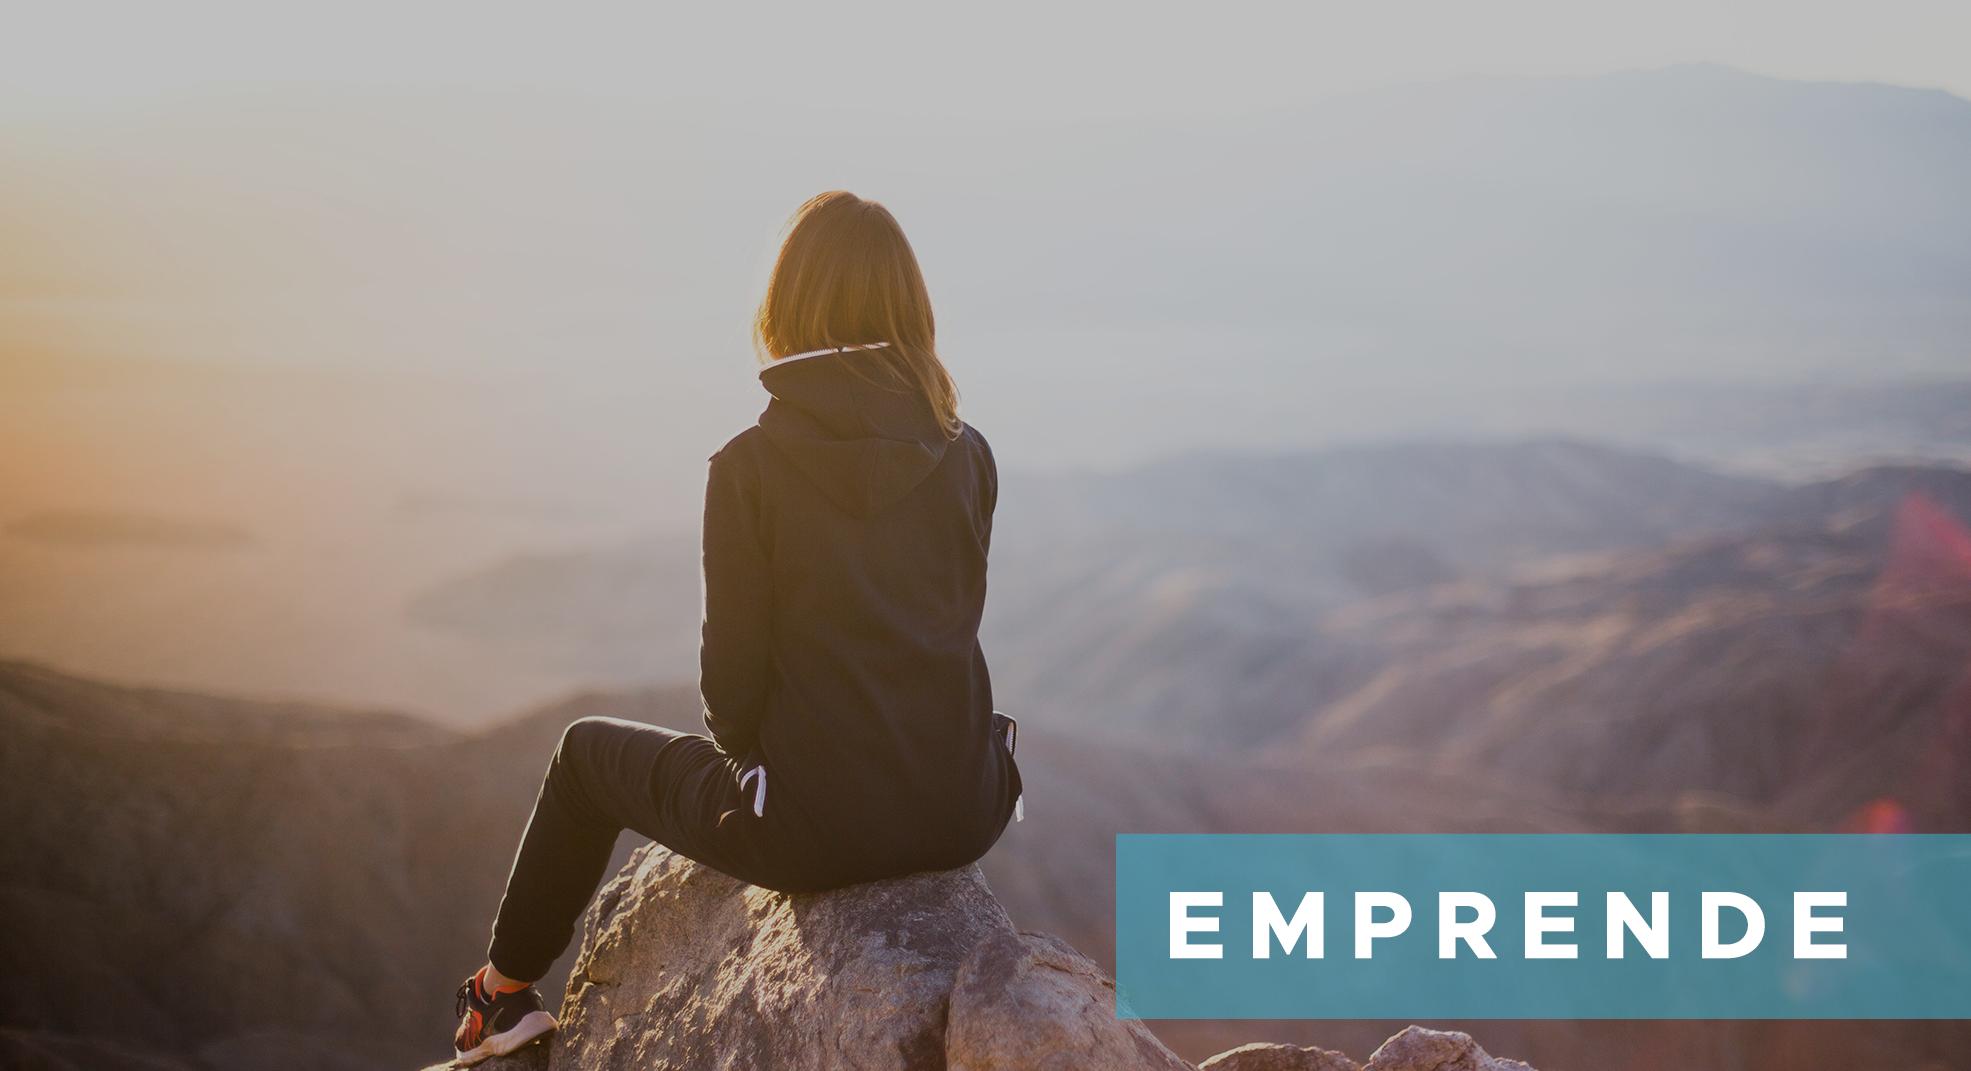 Hábitos para emprender con éxito en el 2019